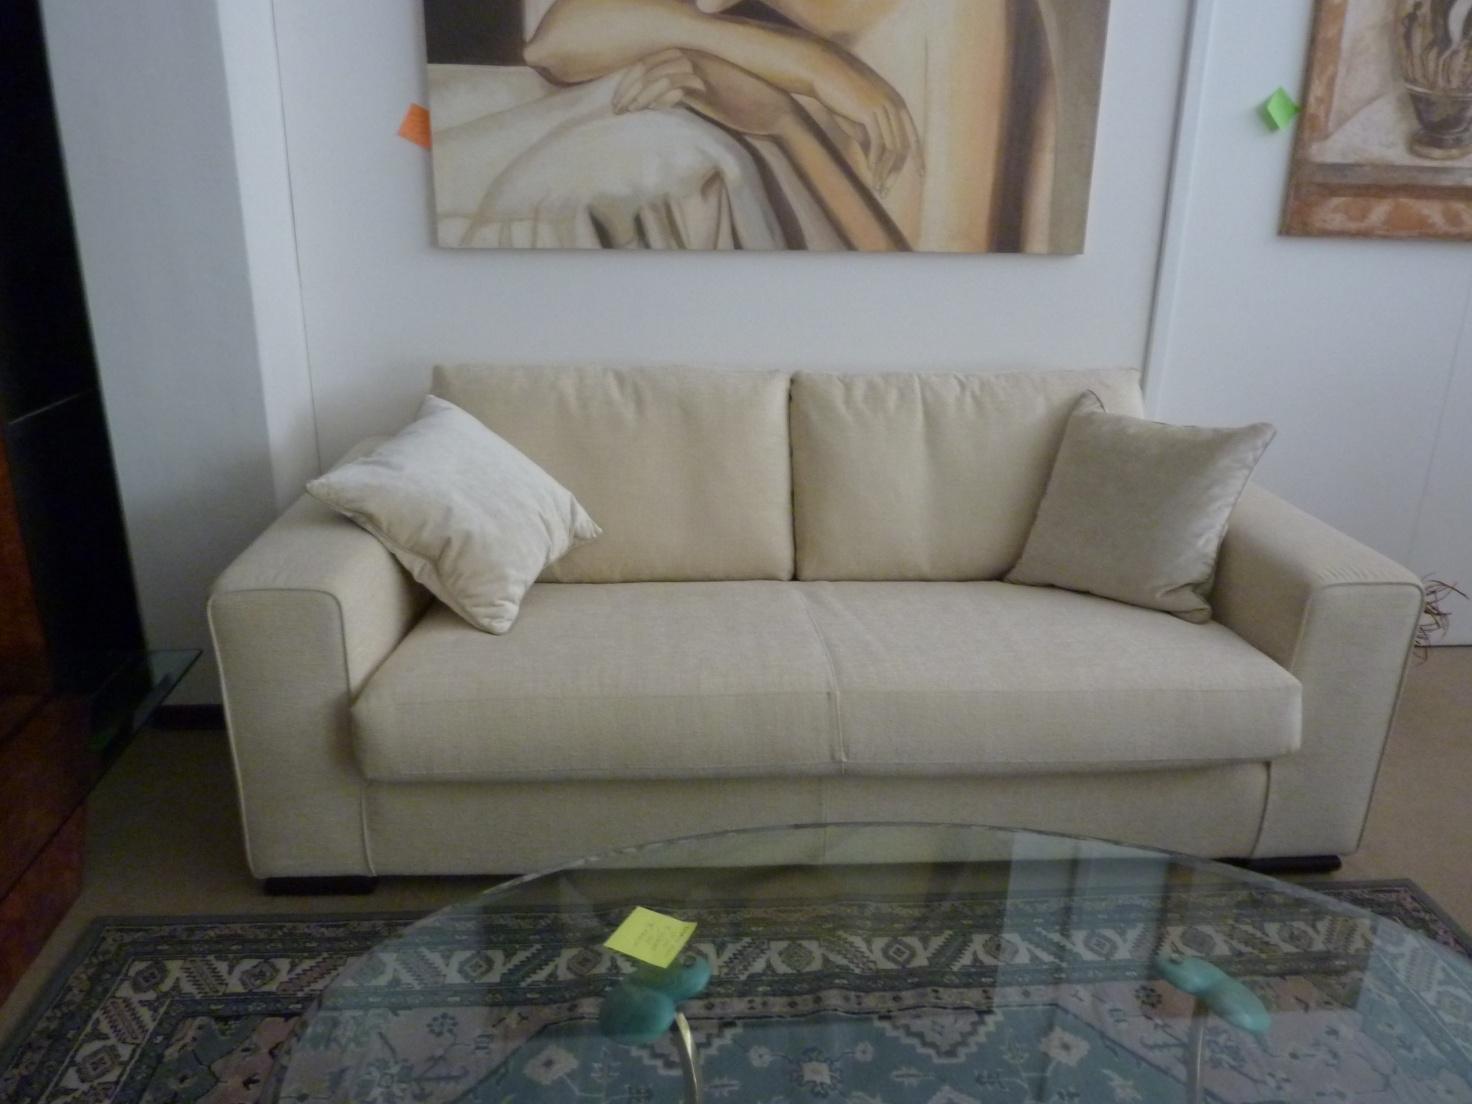 Offerta divano cava mod miami divani a prezzi scontati for Offerta divano